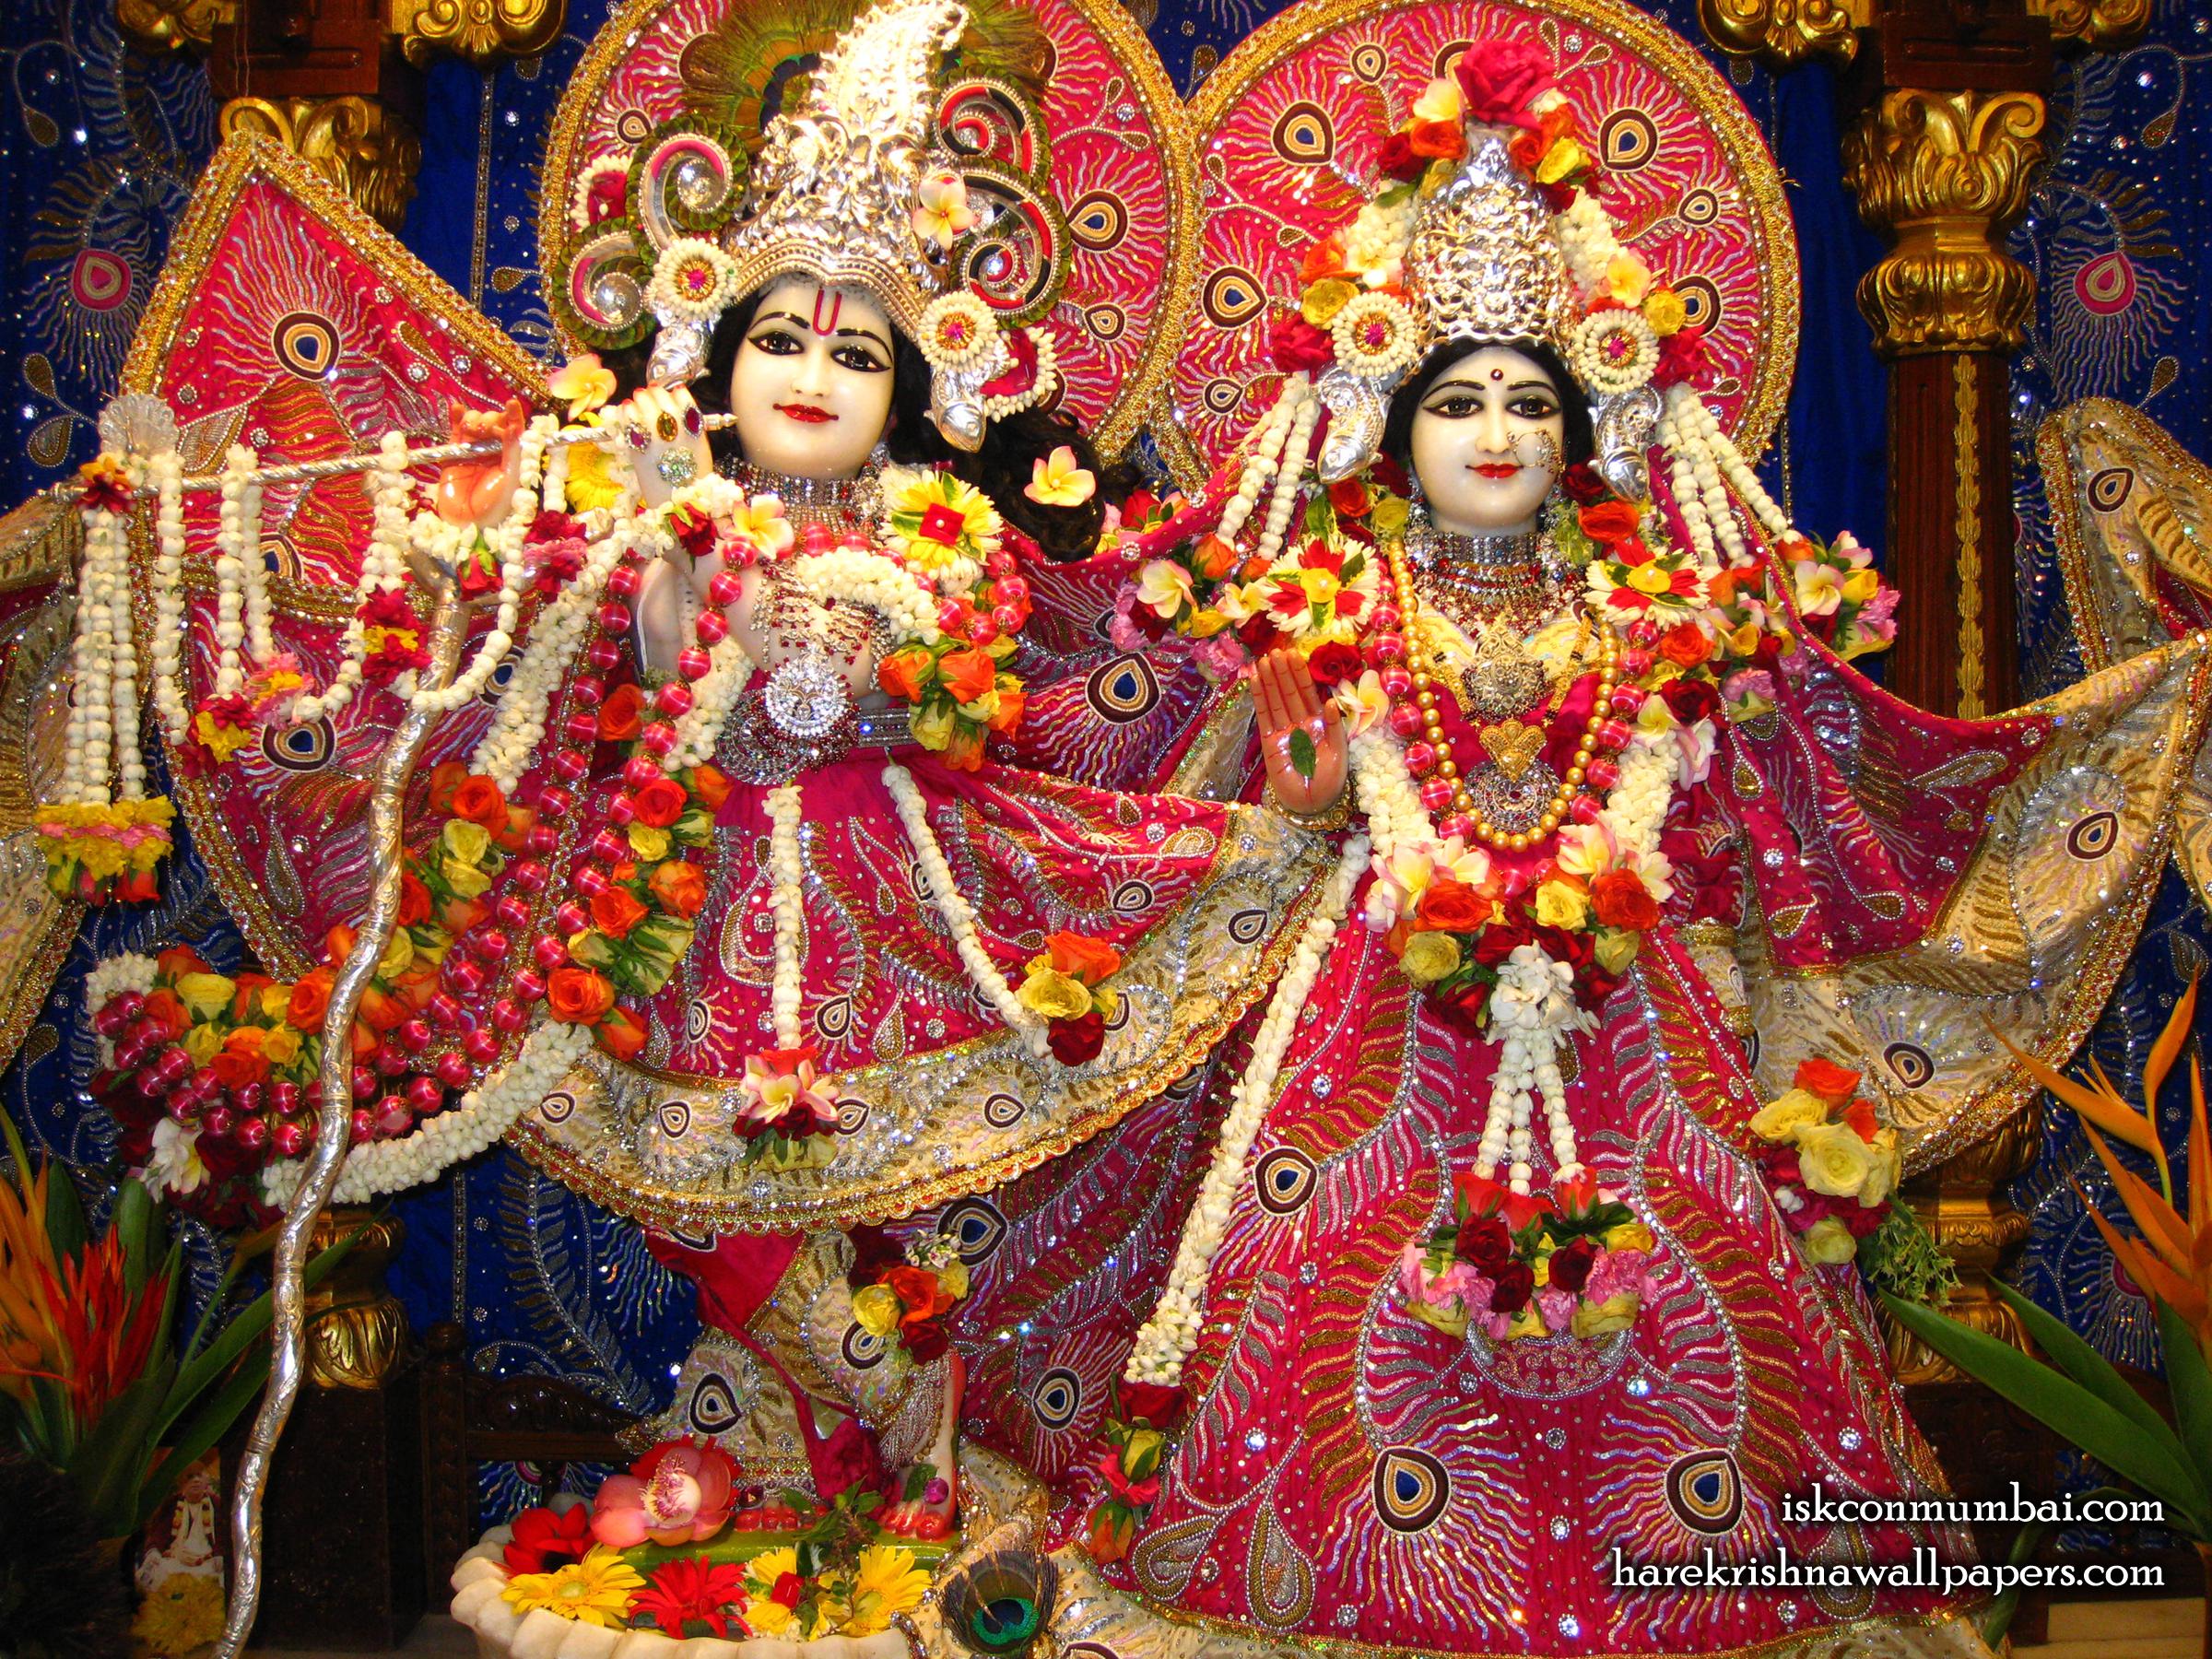 Sri Sri Radha Rasabihari Wallpaper (009) Size 2400x1800 Download